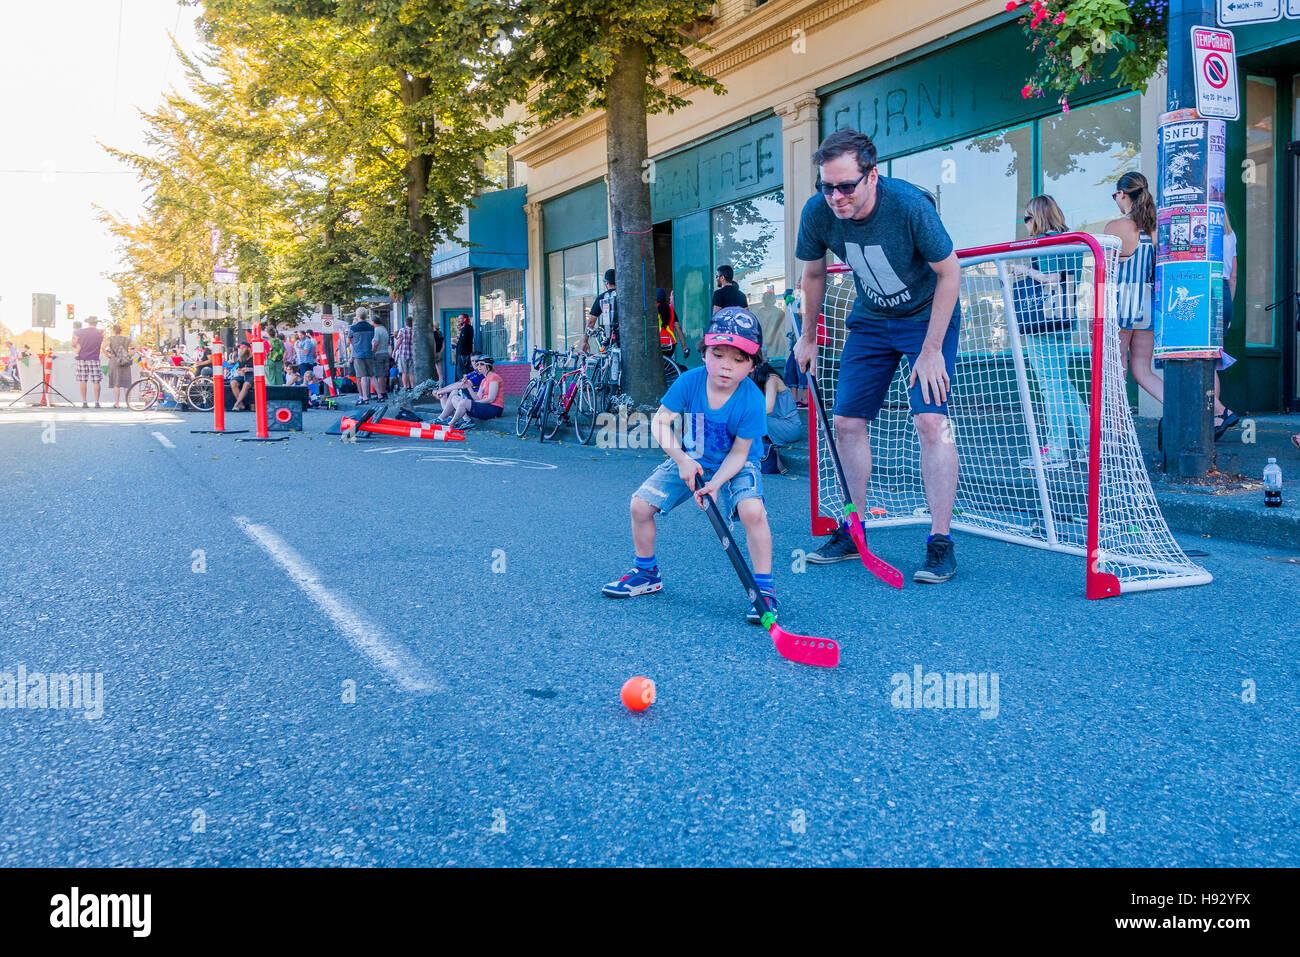 Padre e hijo jugando hockey en carretera, Vancouver, British Columbia, Canadá Imagen De Stock